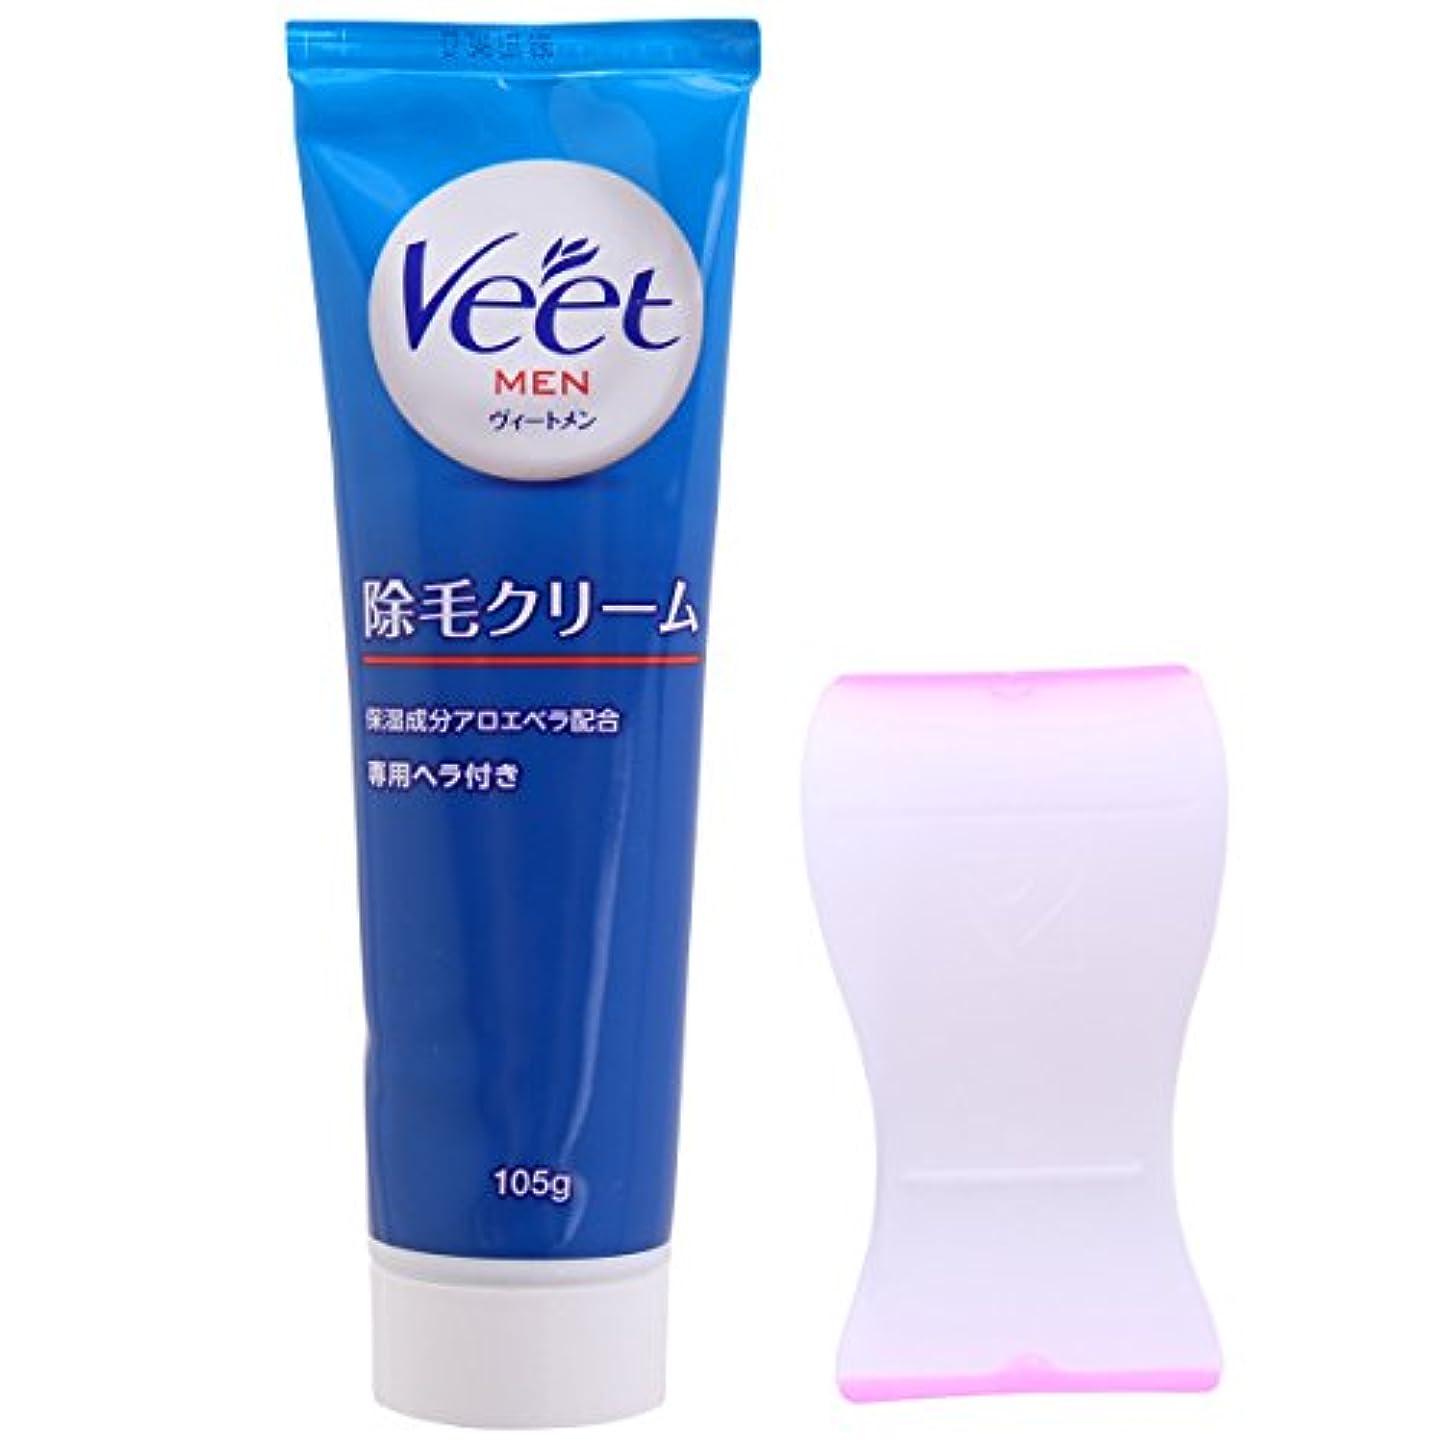 疲労剥ぎ取る移行する(ヴィート)Veet メンズ 除毛クリーム あし うで 胸 背中 わきの下